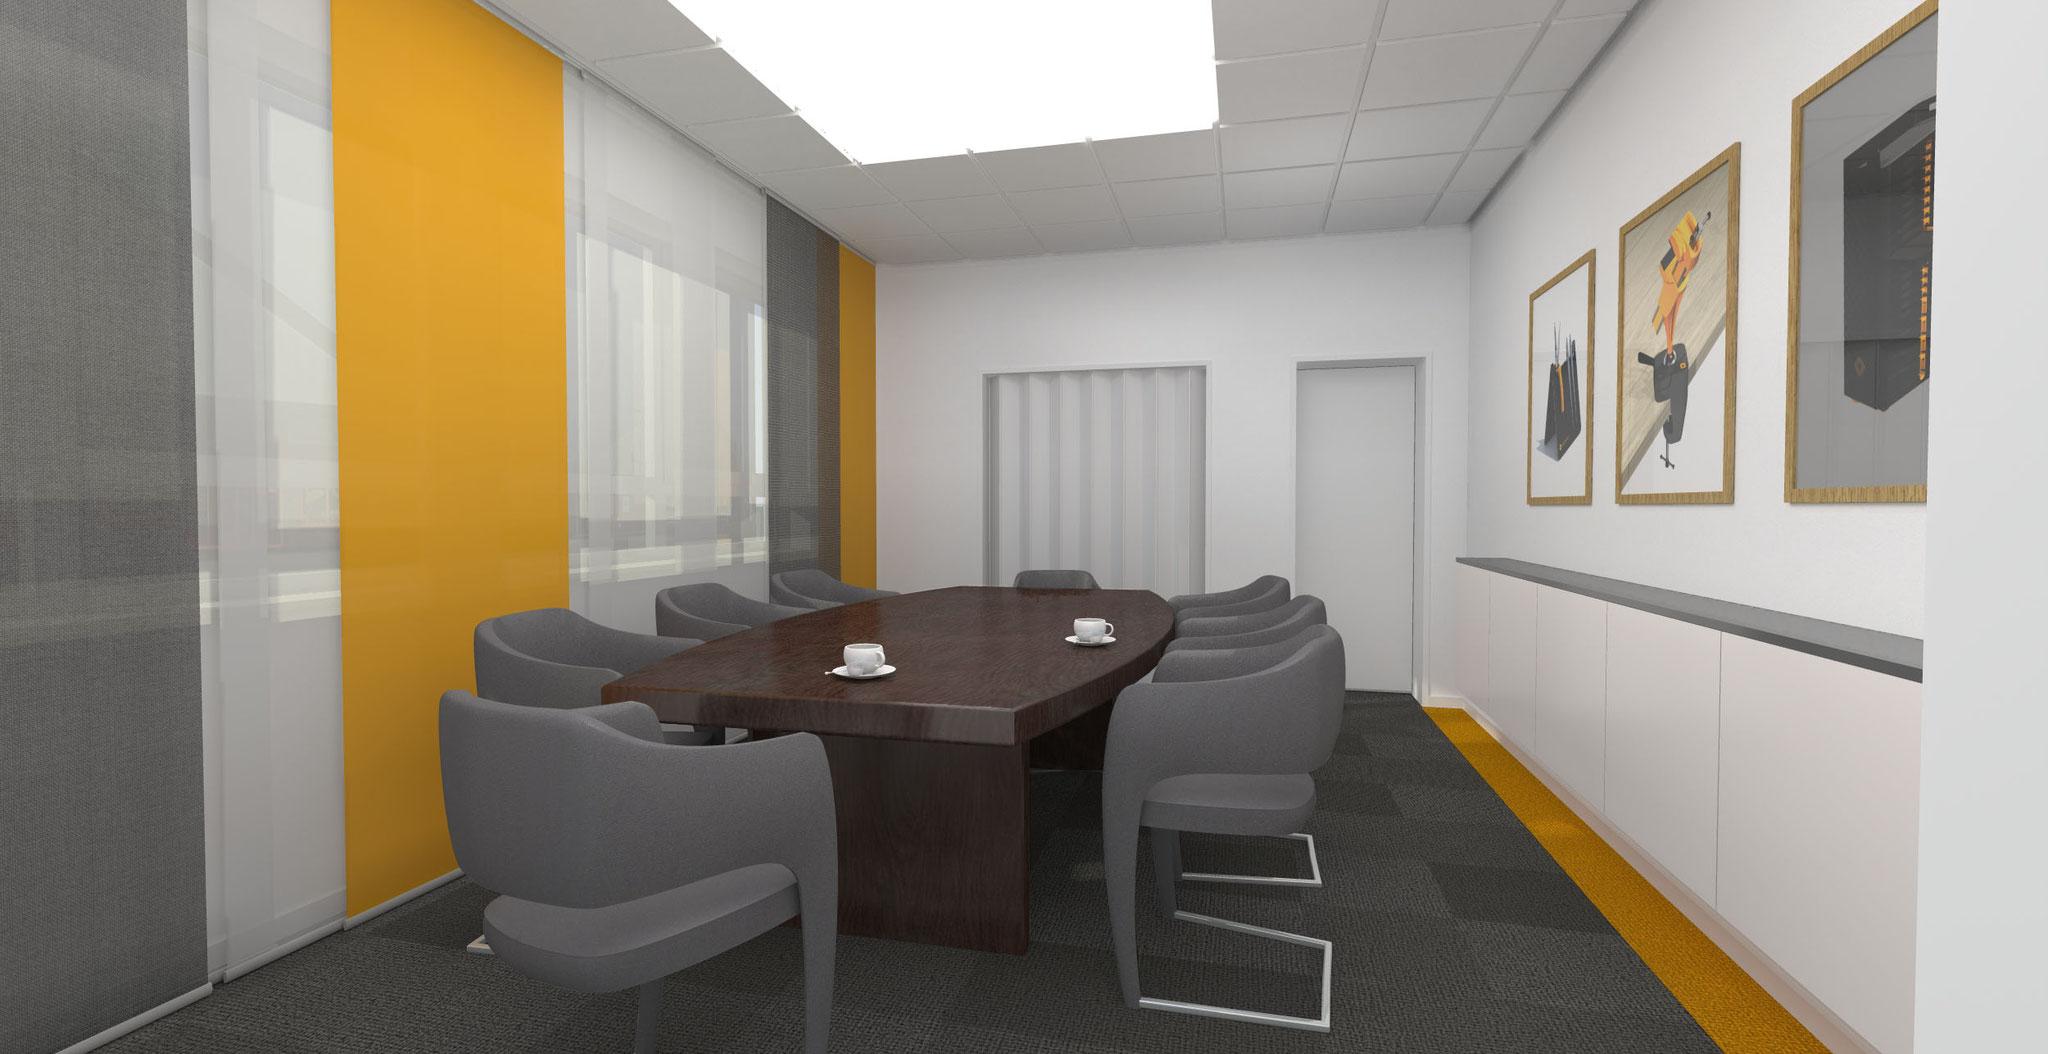 Gestaltung eines Besprechungsraums in Remscheid